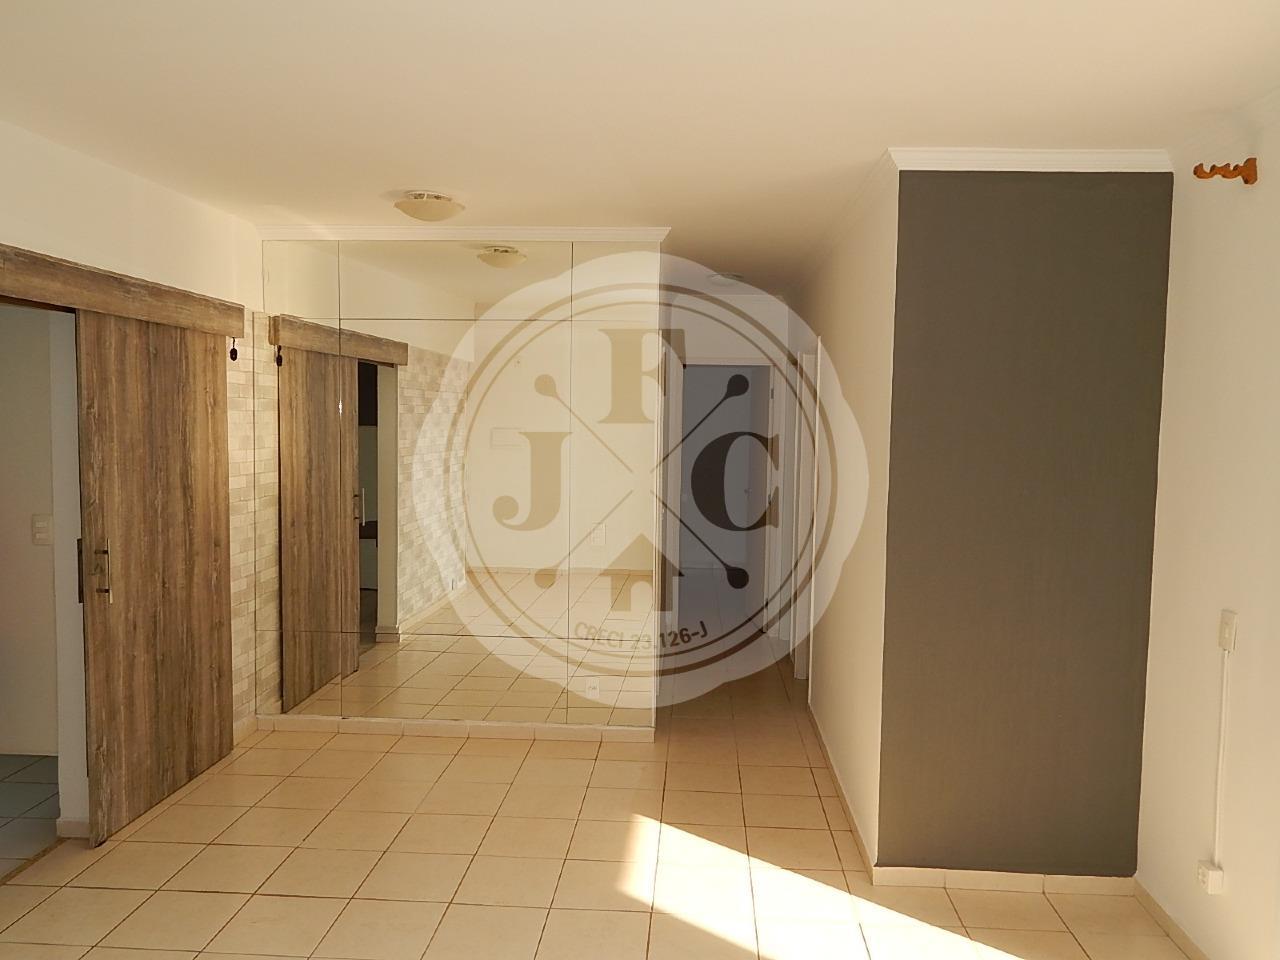 Apartamento para locação com 3 dormitórios, 1 suíte, lazer completo no bairro Nova Aliança.